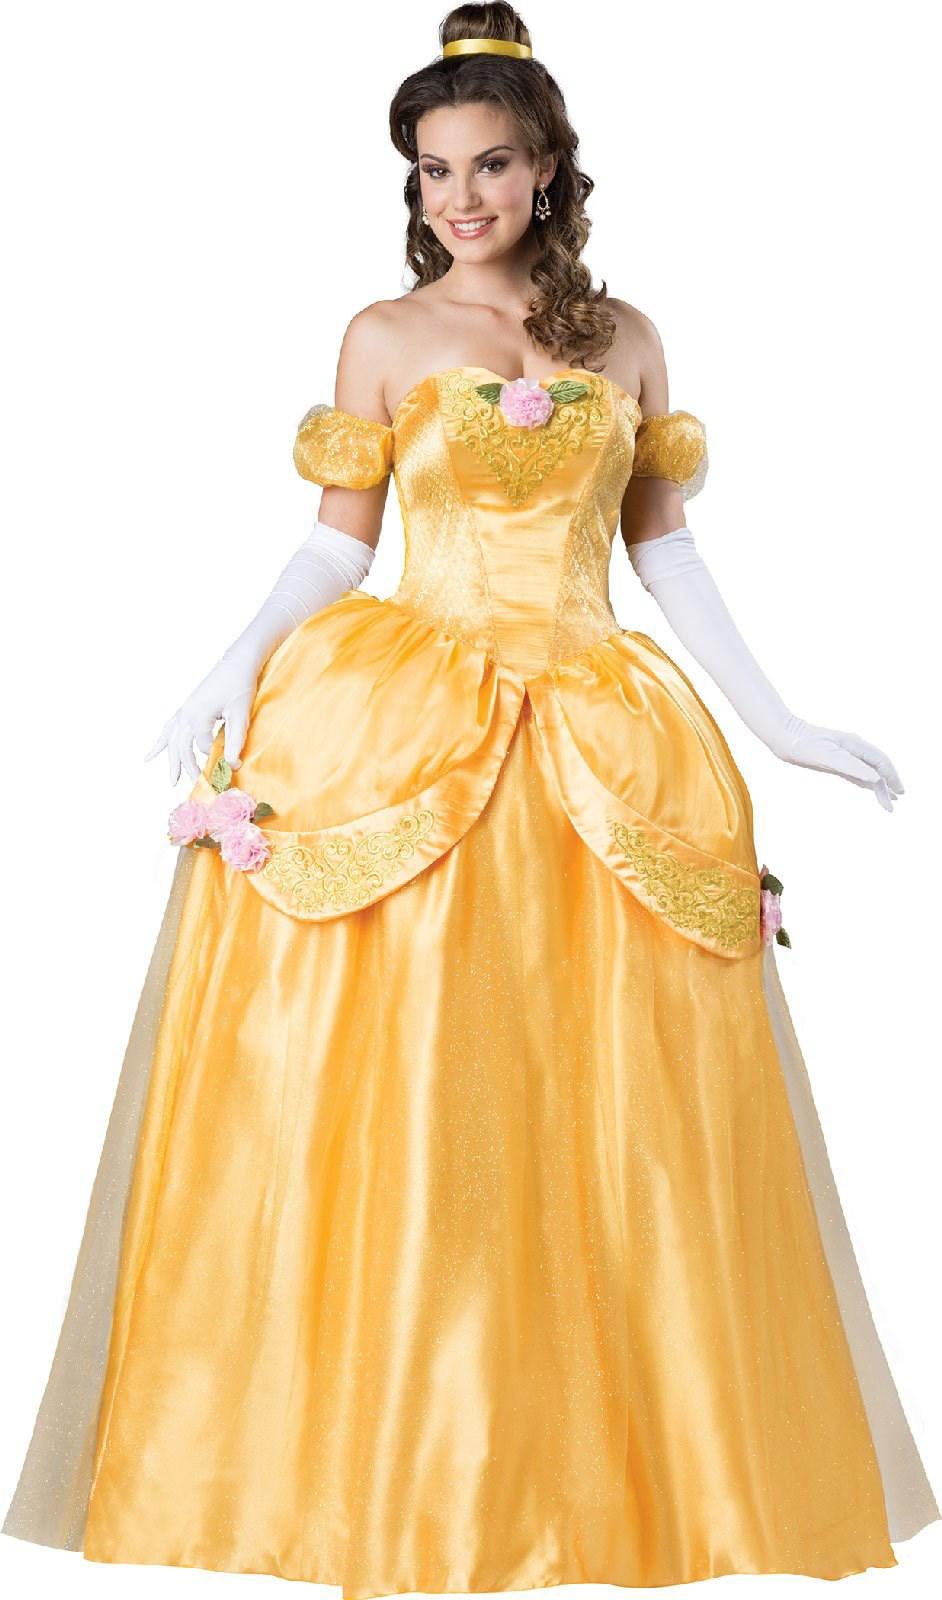 Prince & Princess Costumes   BuyCostumes.com